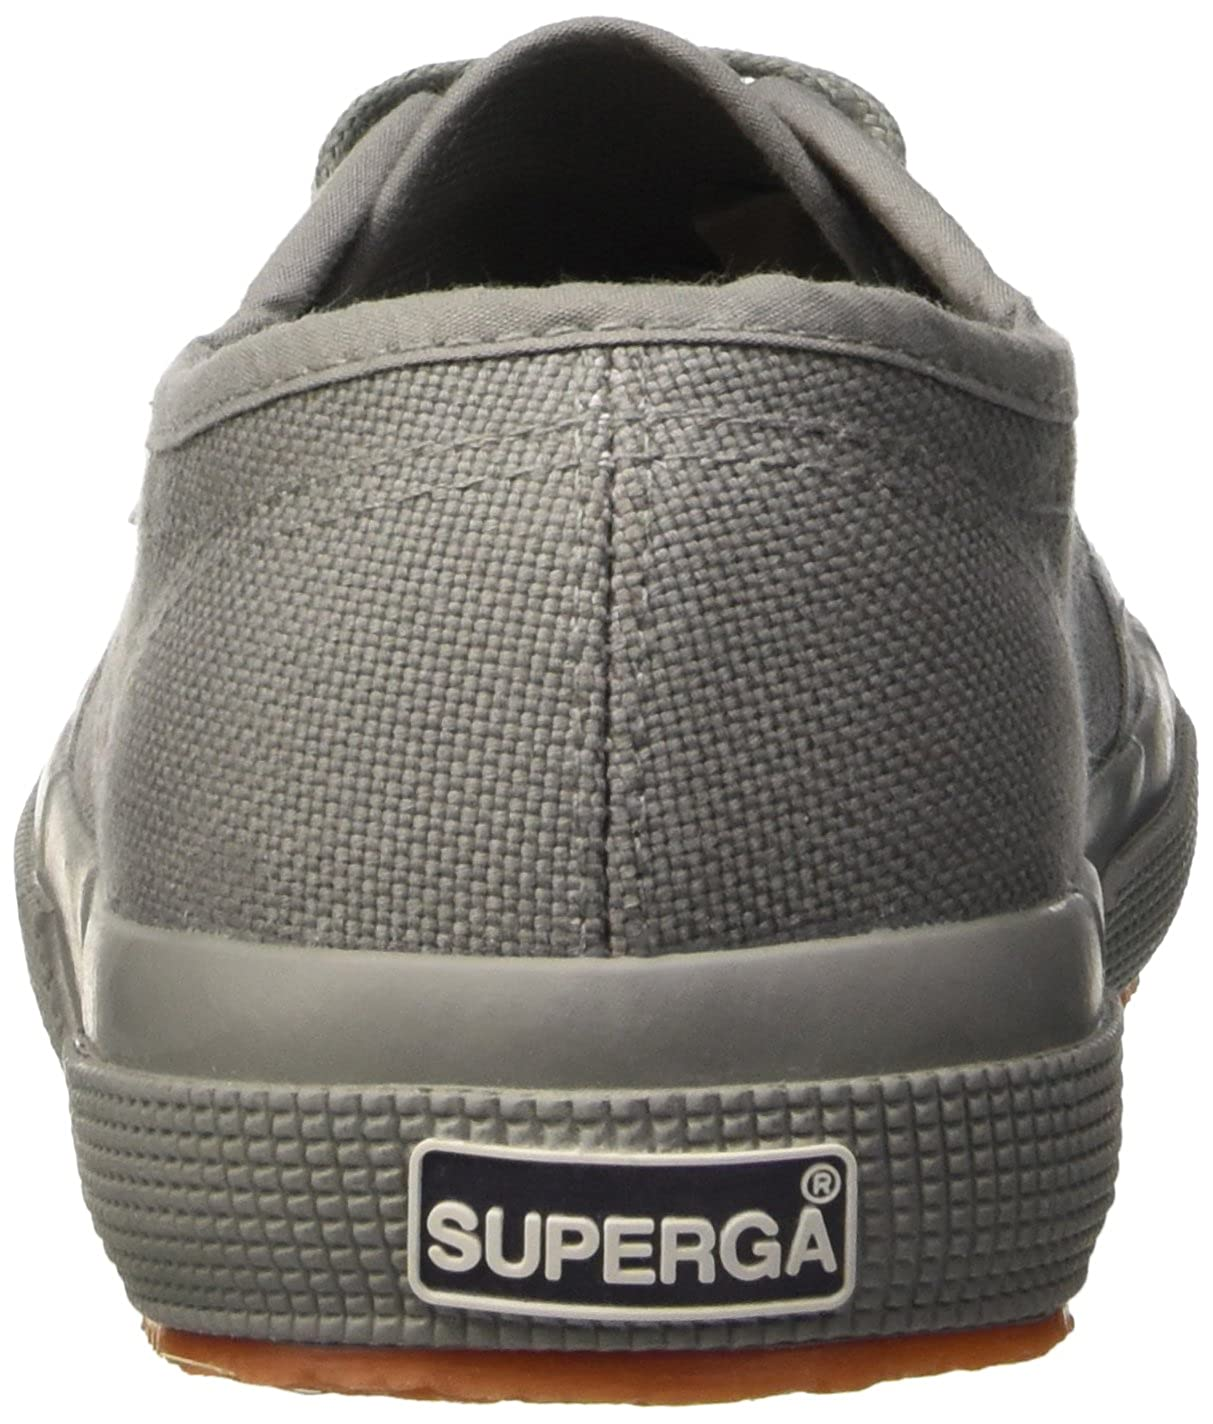 Superga Unisex-Erwachsene 2750-cotu Classic Low-Top